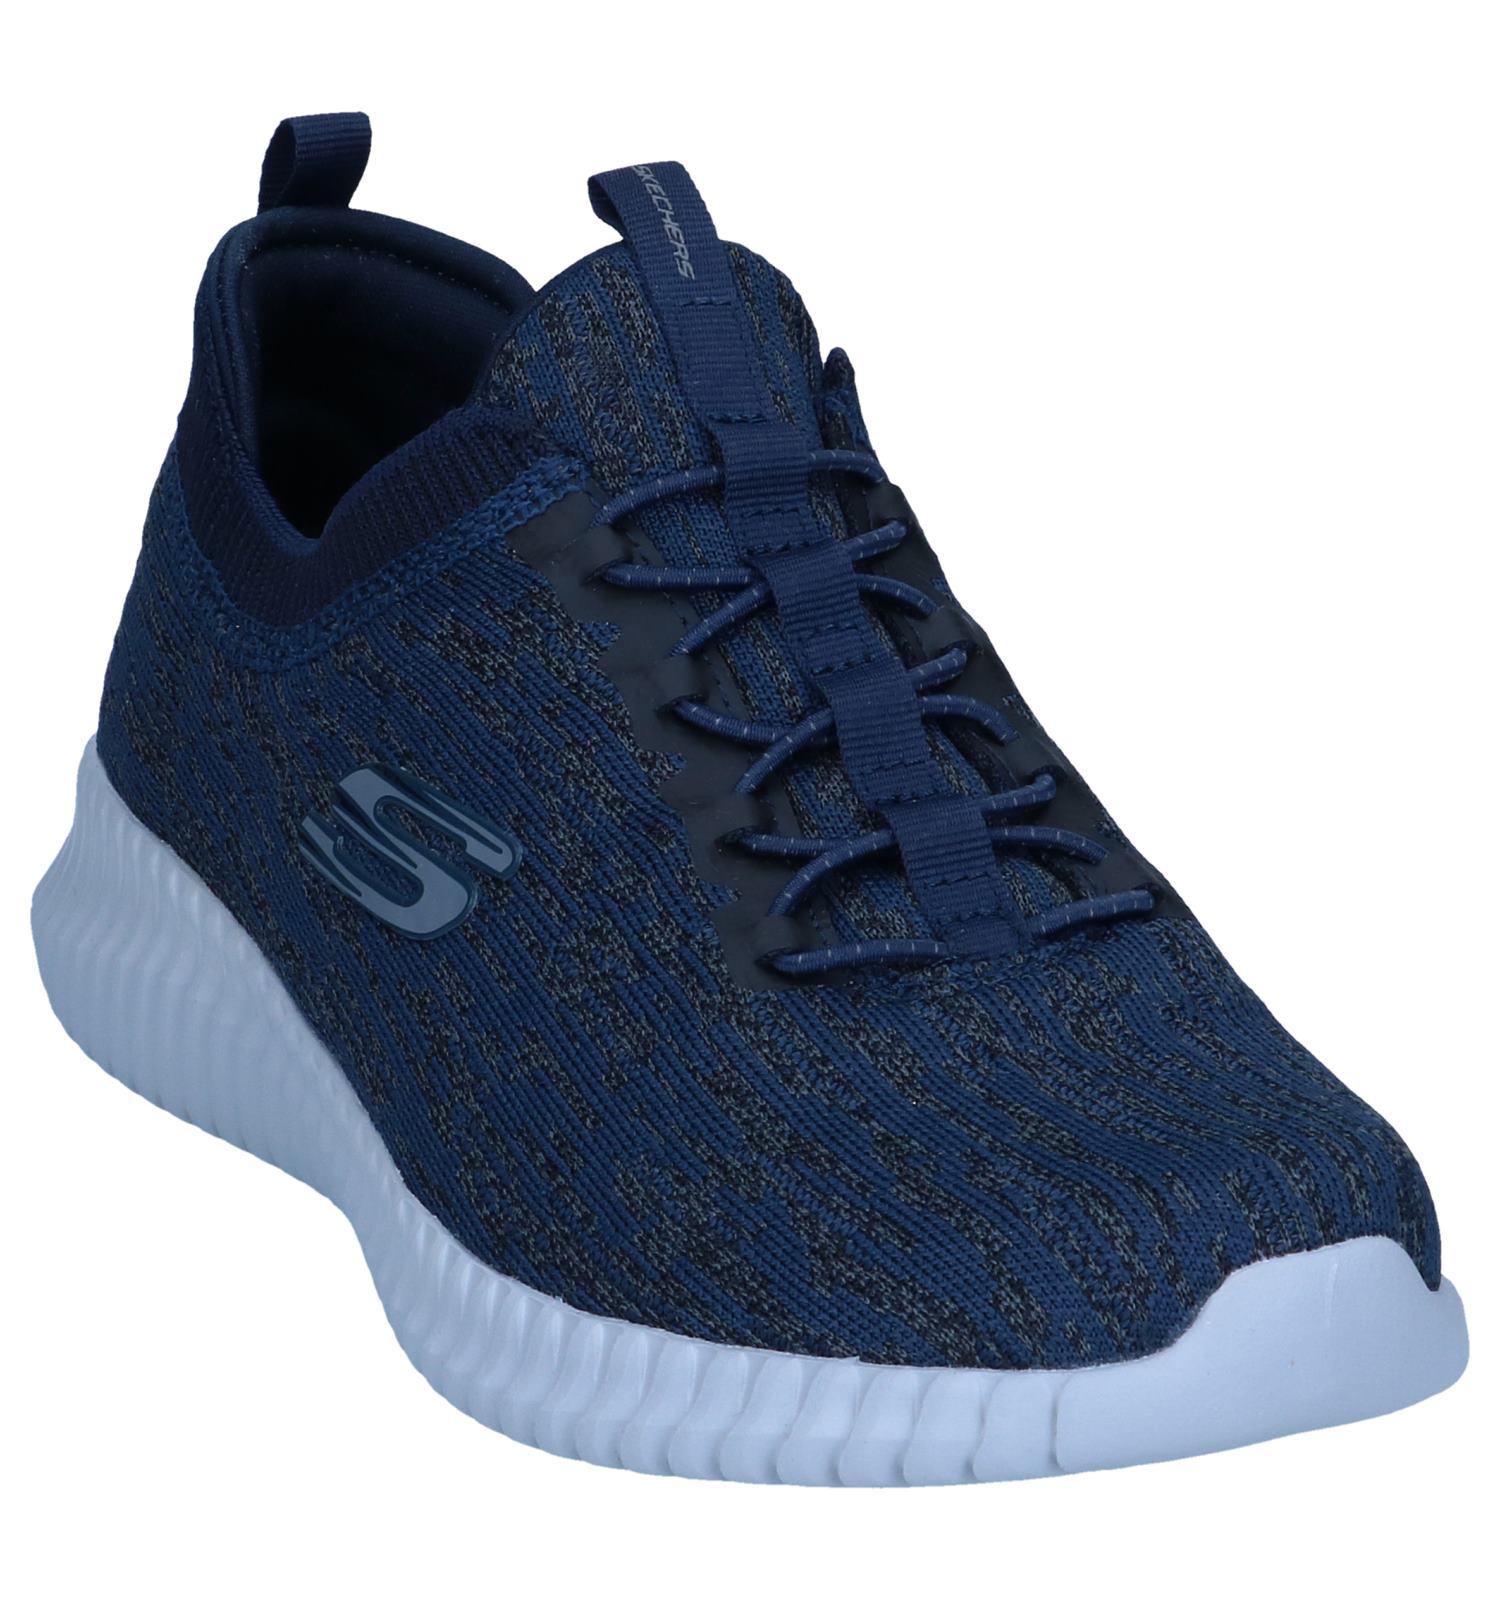 Air Blauwe Sneakers cooled Air Skechers Blauwe Sneakers cooled Sneakers Blauwe Skechers QtsdCBhrx